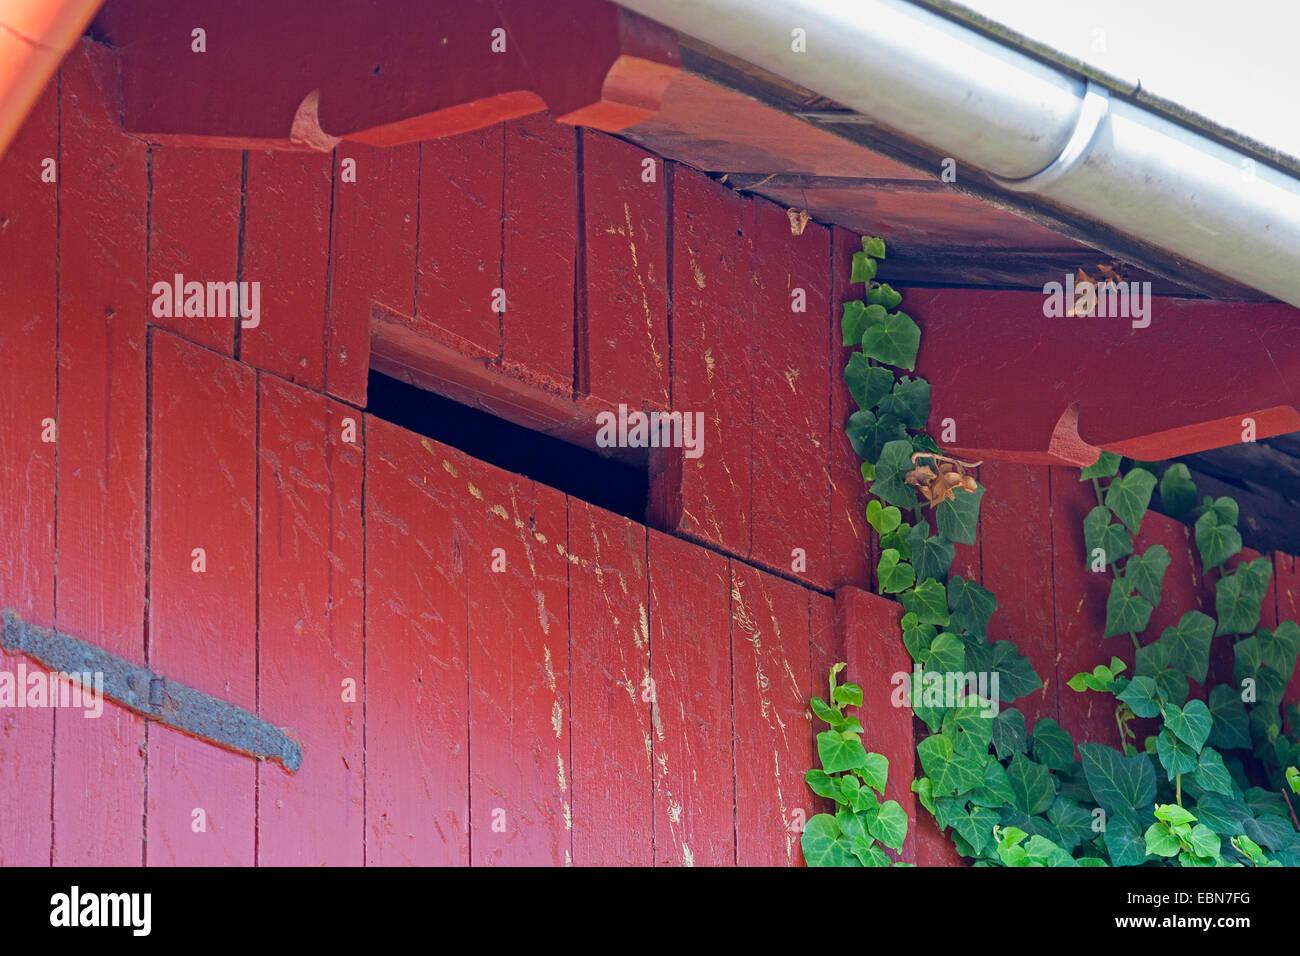 Apertura a la buhardilla en un cobertizo, cavidades huecas como escondite para los animales, Alemania Imagen De Stock